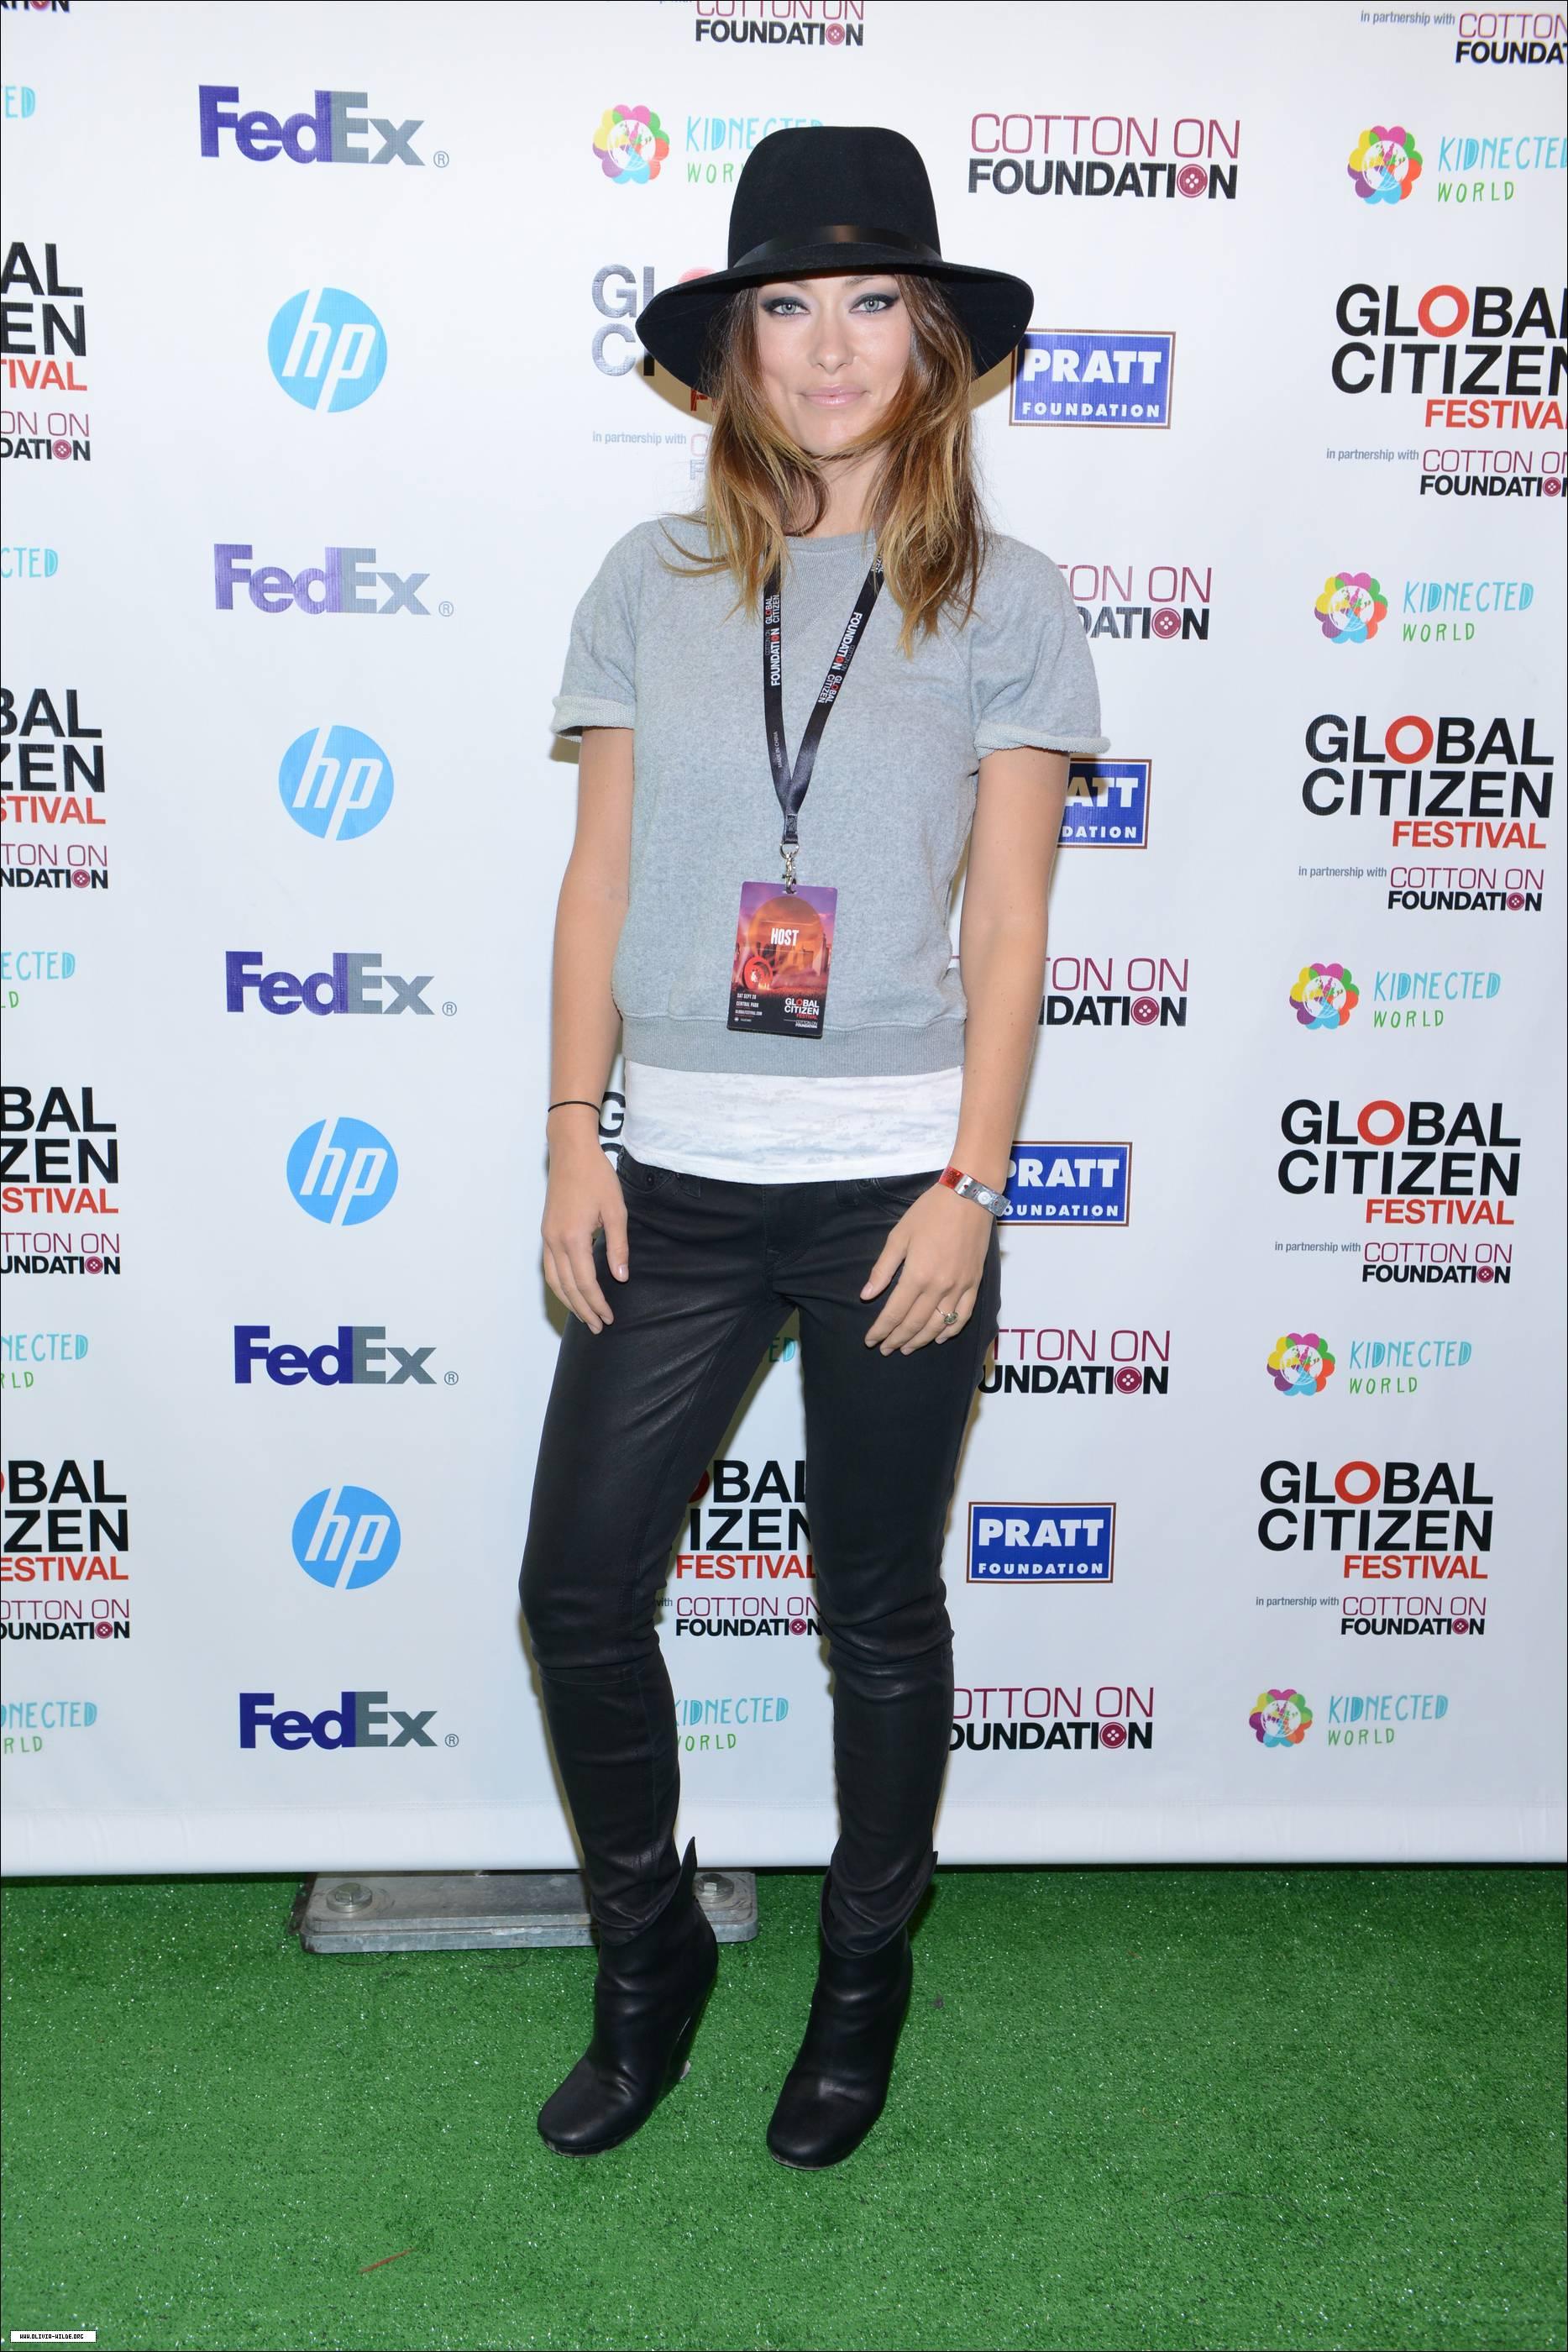 Olivia Wilde, Global Citizen Festival